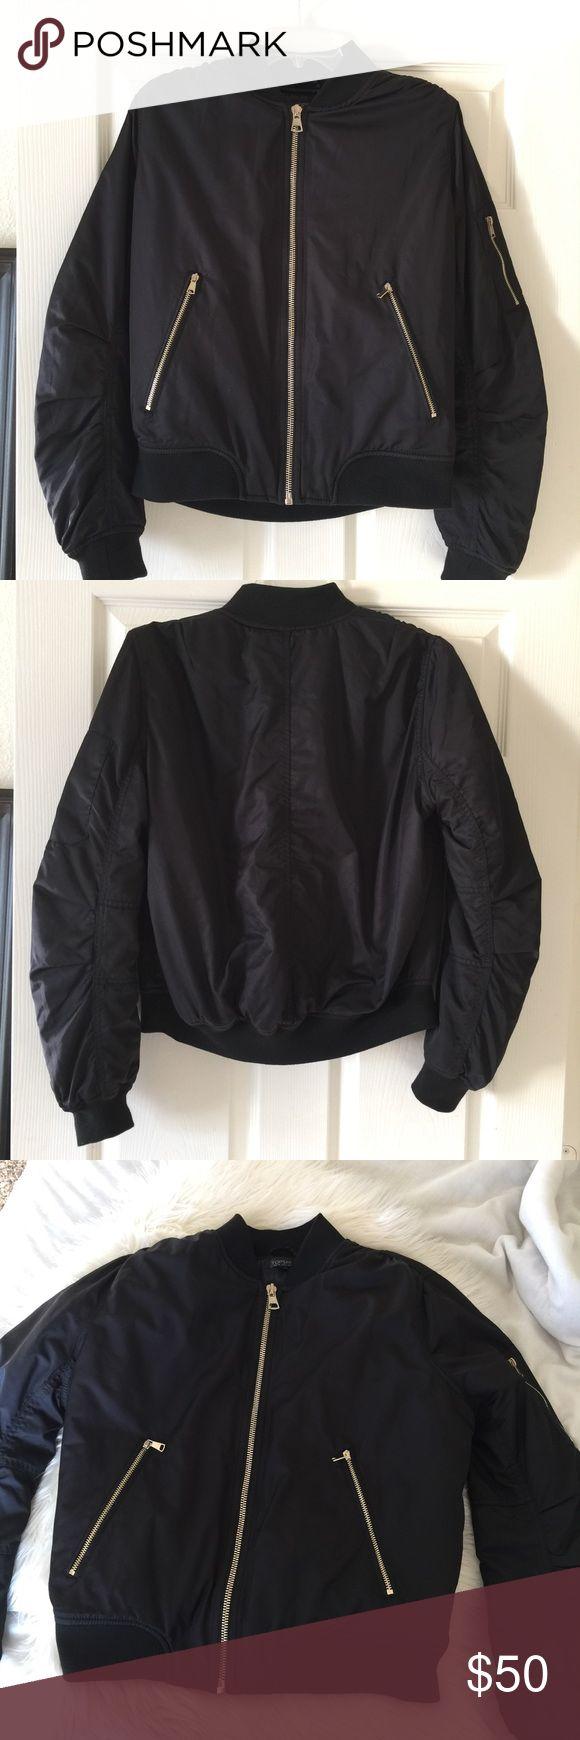 Topshop Bomber MA1 Zip Bomber Jacket Topshop Bomber MA1 Zip Bomber Jacket. 100% Polyester. Dry Clean Only. Topshop Jackets & Coats